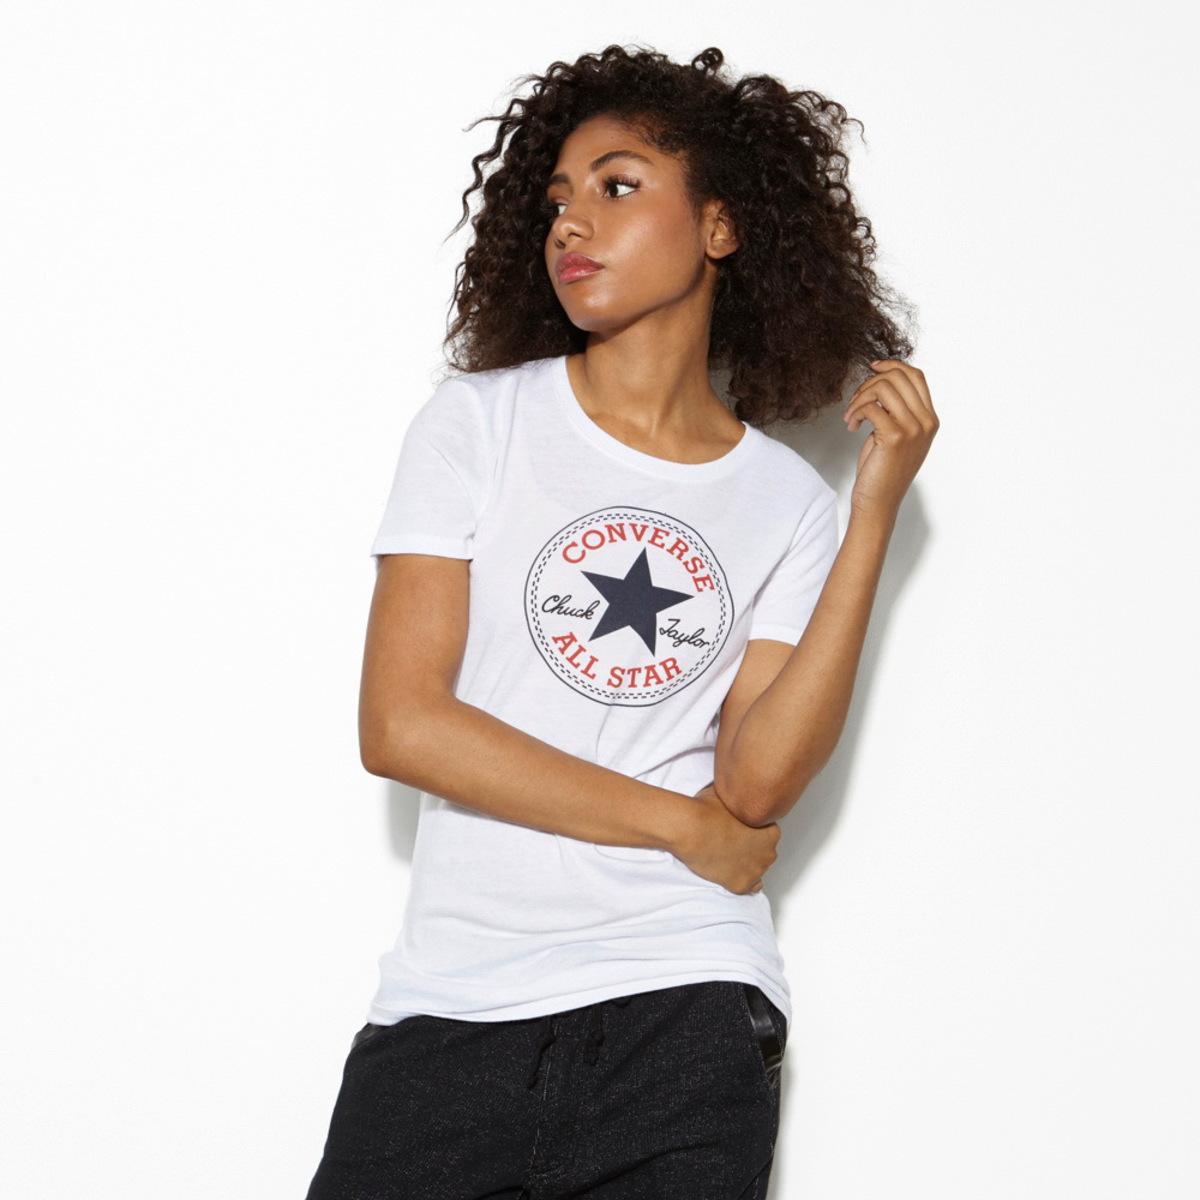 tričko dámské CONVERSE - AWT Core 2 - White - 12016C-102